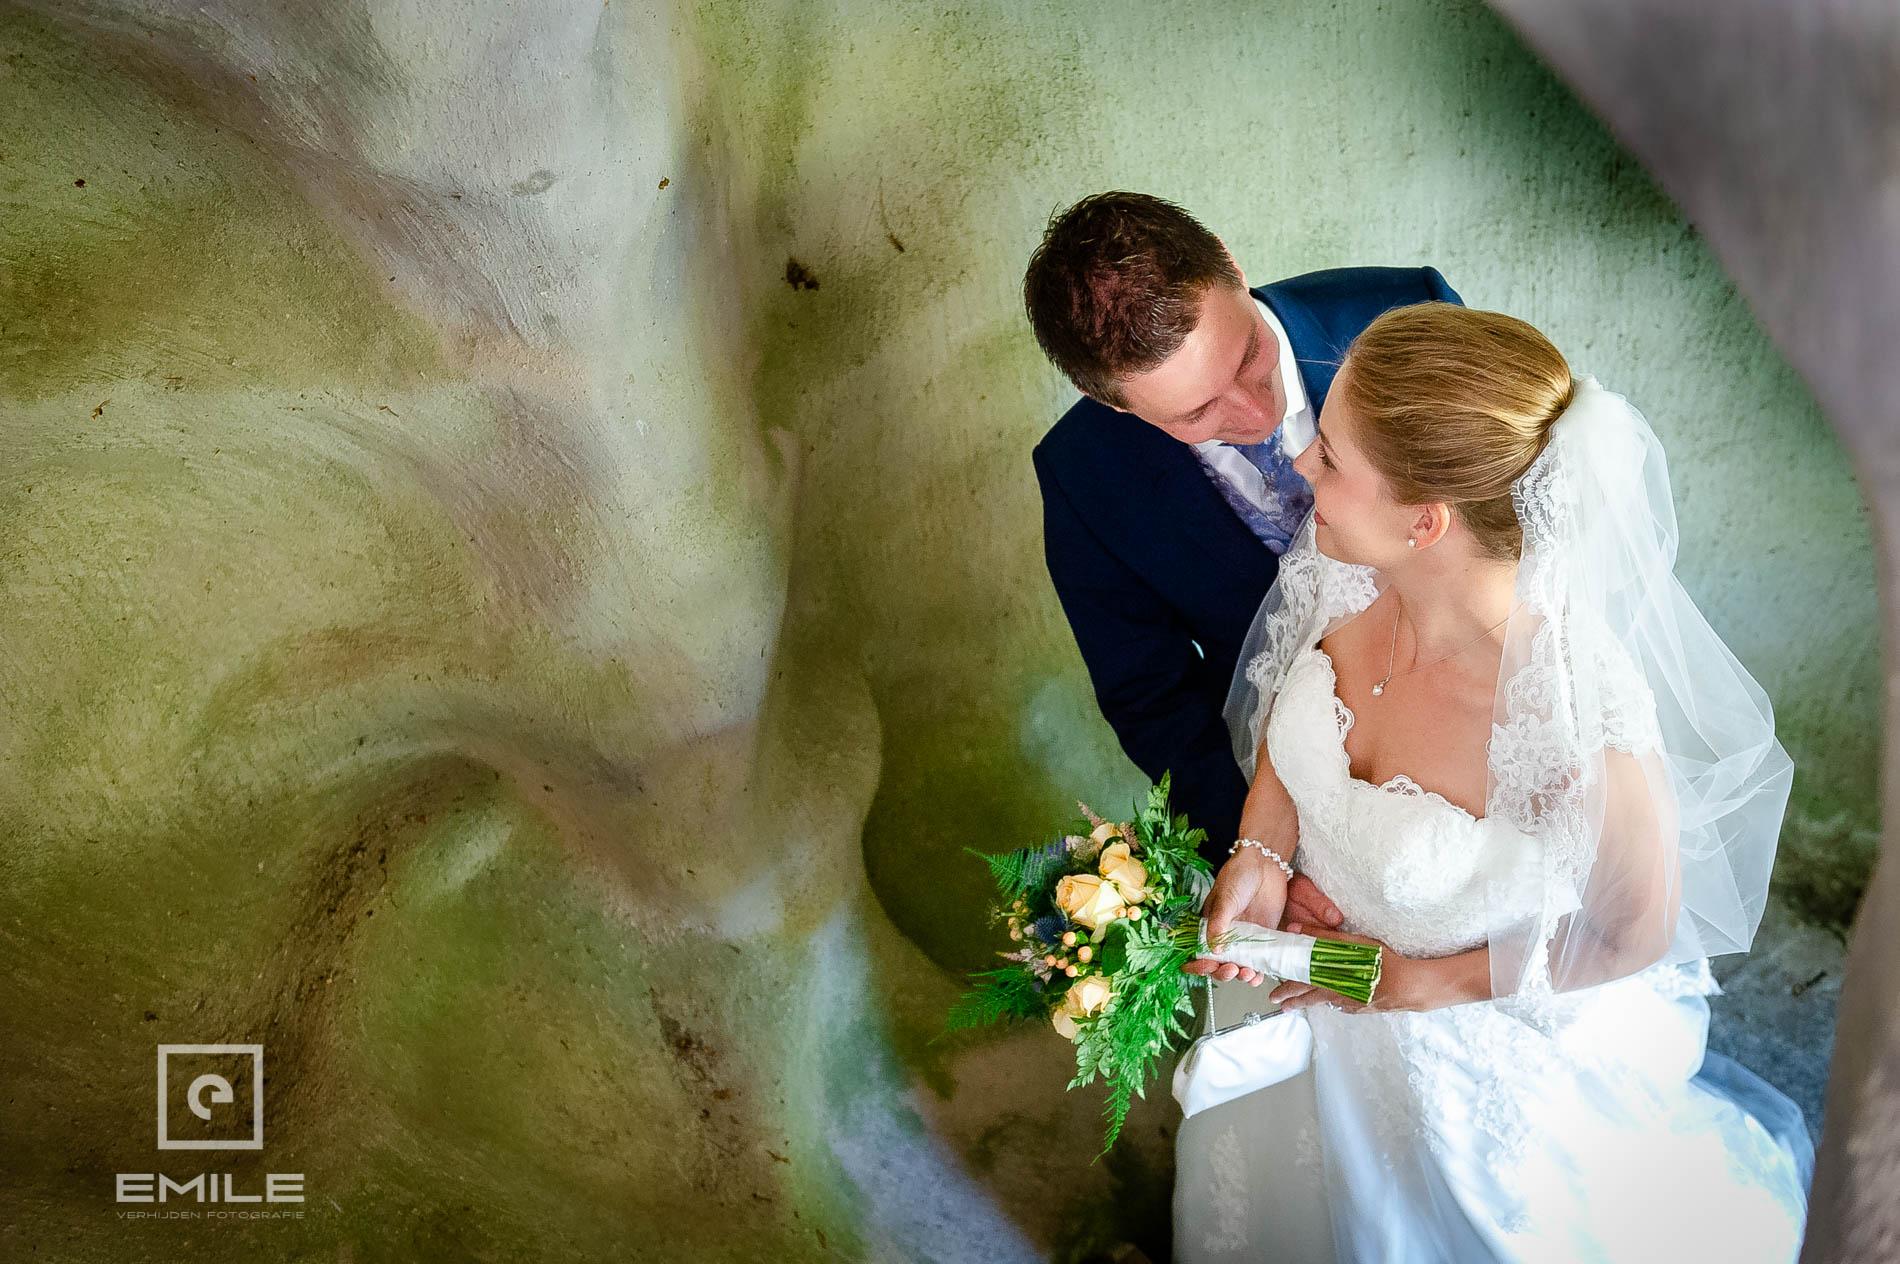 Bruidsfotograaf bij Kasteeltuinen Arcen, samen in het trappengat